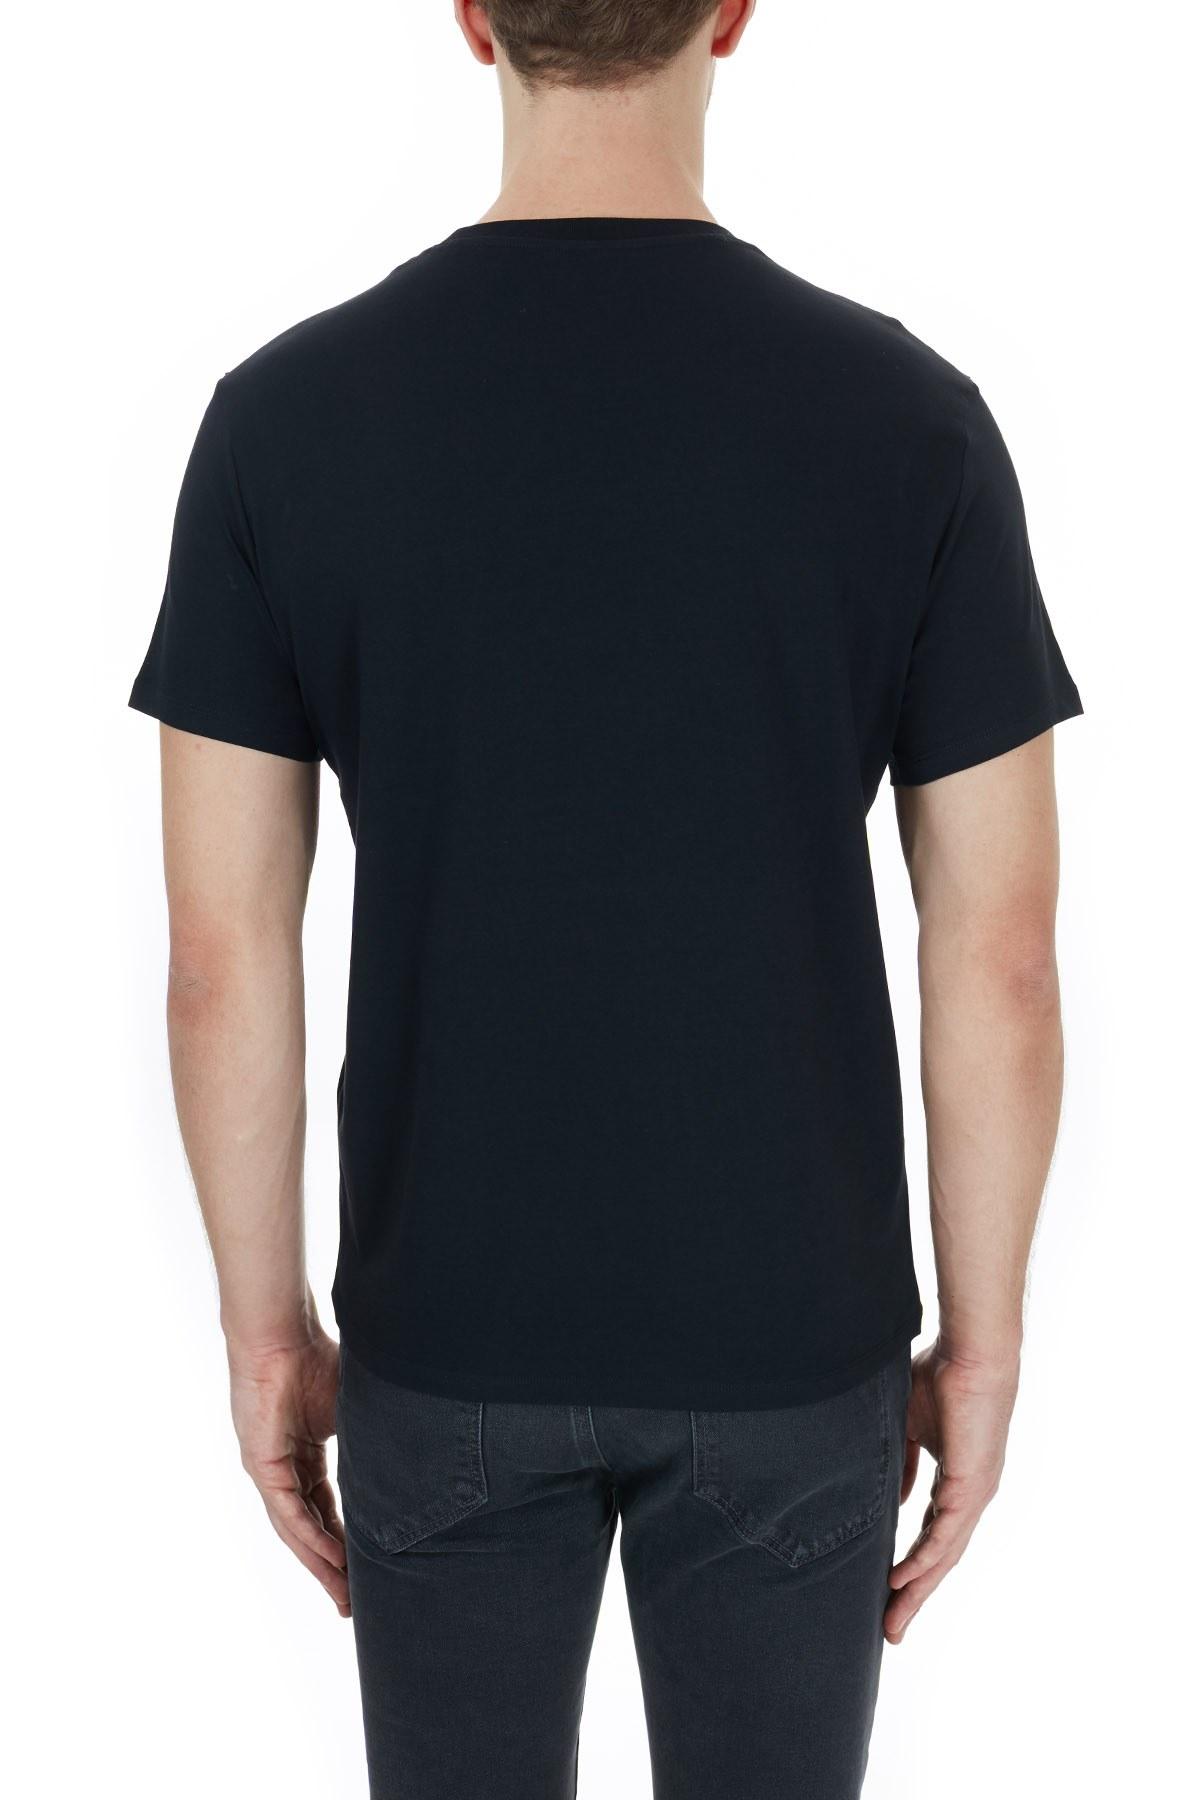 Armani Exchange % 100 Pamuklu Baskılı Bisiklet Yaka Erkek T Shirt 6HZTAL ZJN7Z 1200 SİYAH